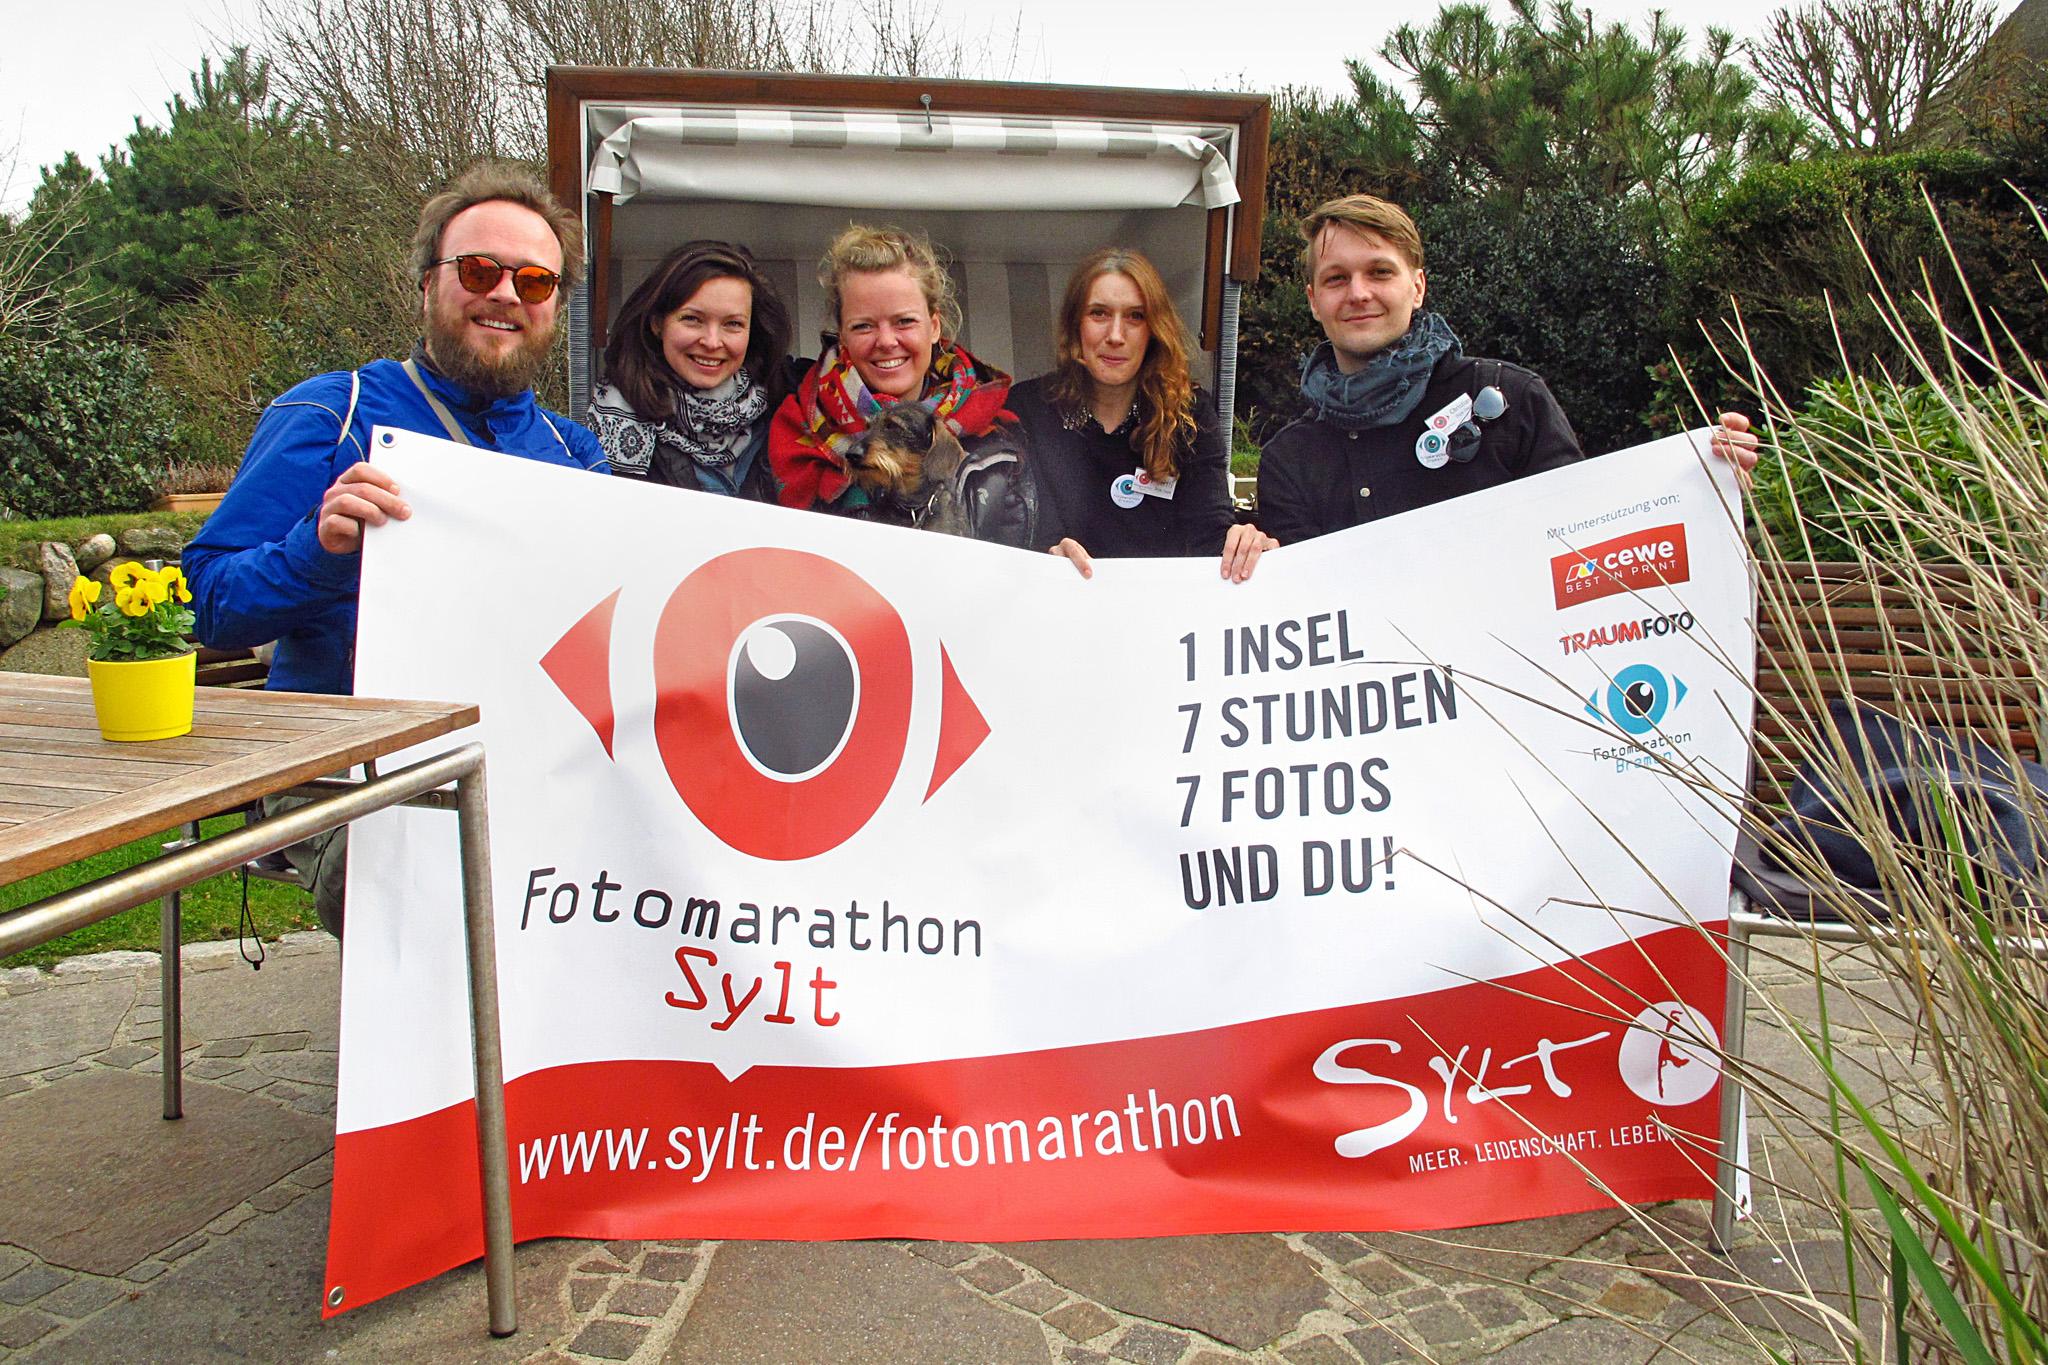 Fotomarathon Sylt: Prämierte Inselmelodien